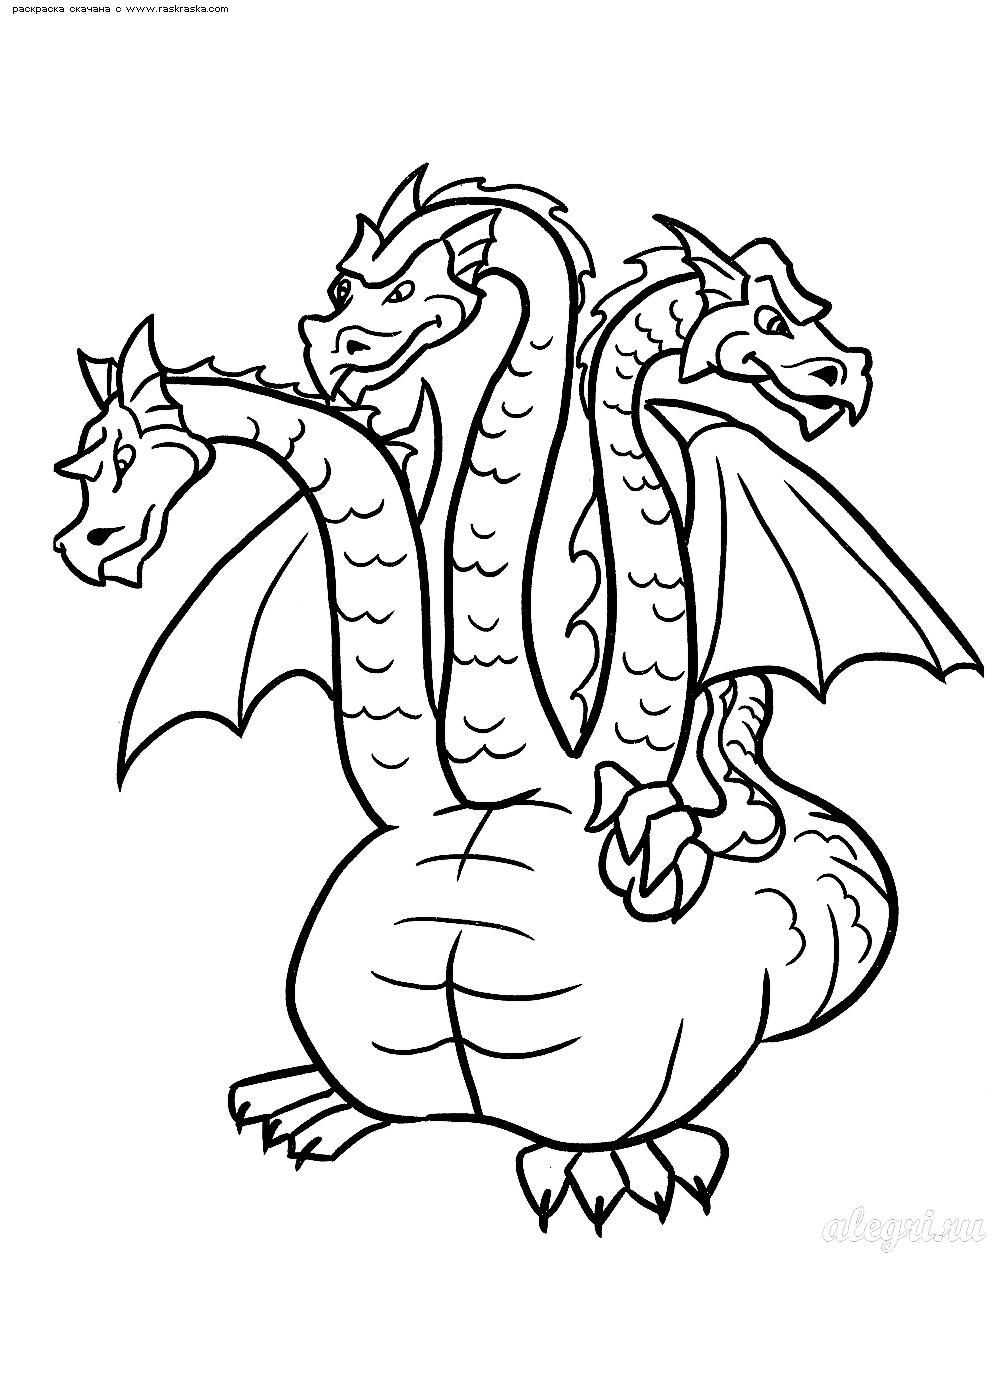 Раскраска Трехголовый дракон | Раскраски с дракончиками ...